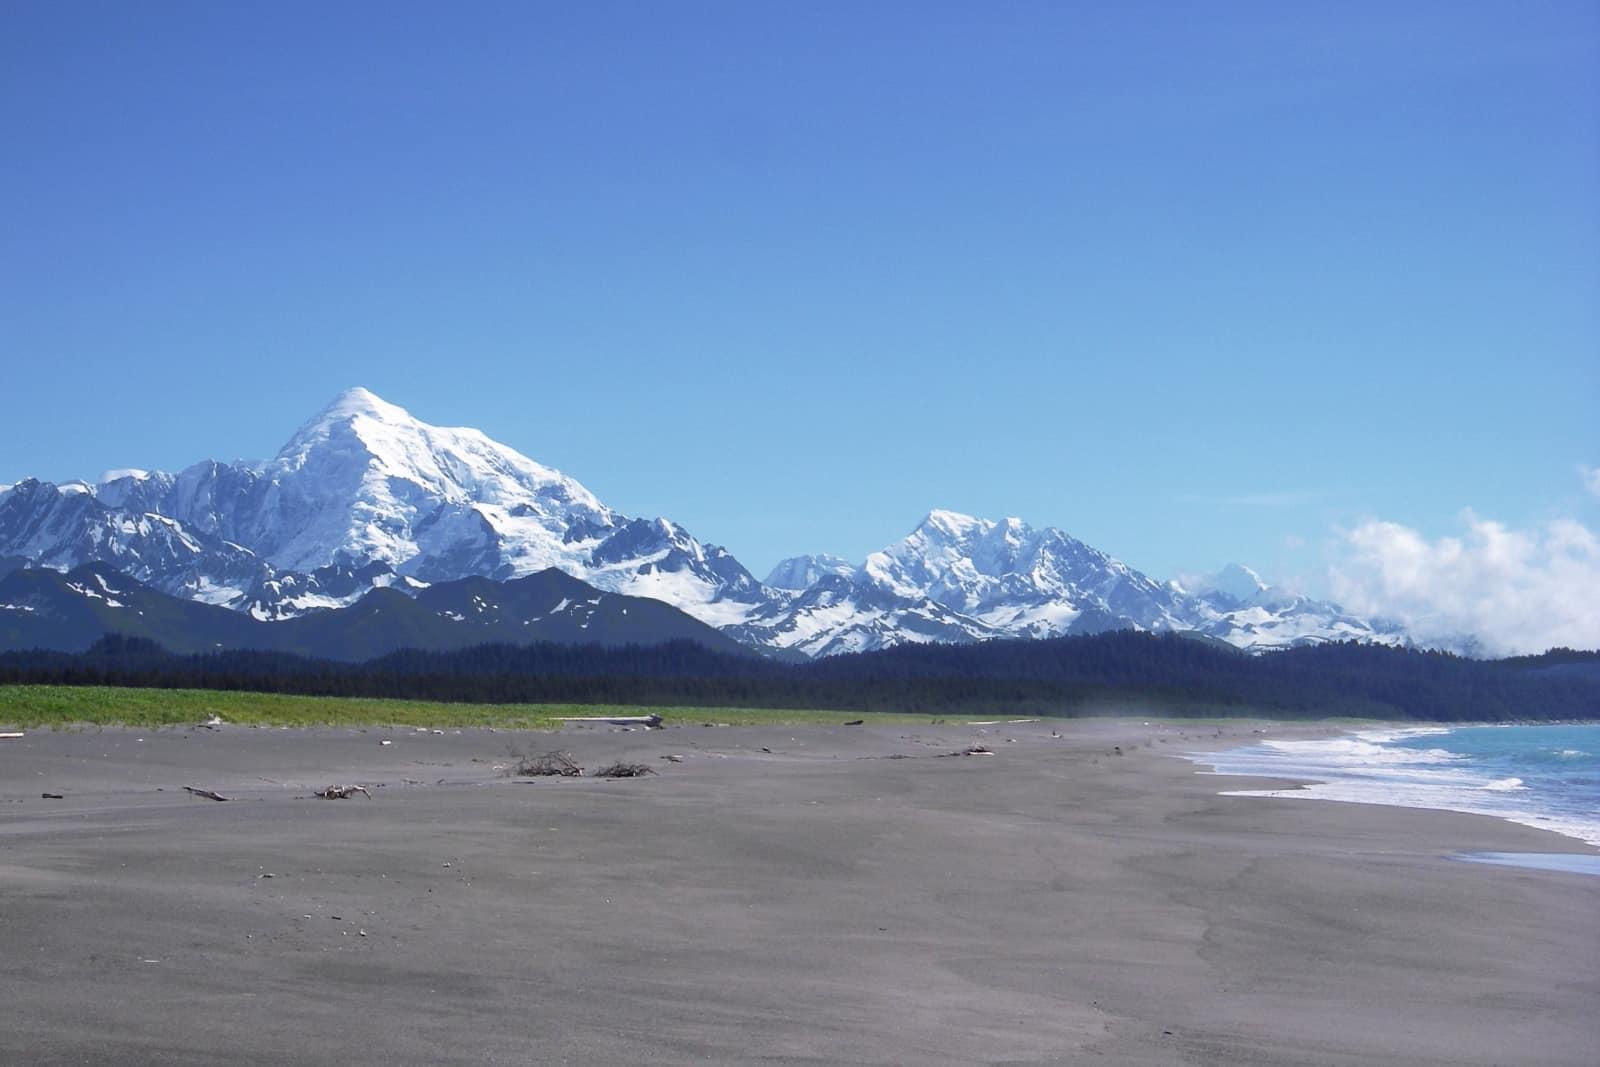 Mount Fairweather Foto Glacier Bay National Park and Preserve - Public Domain